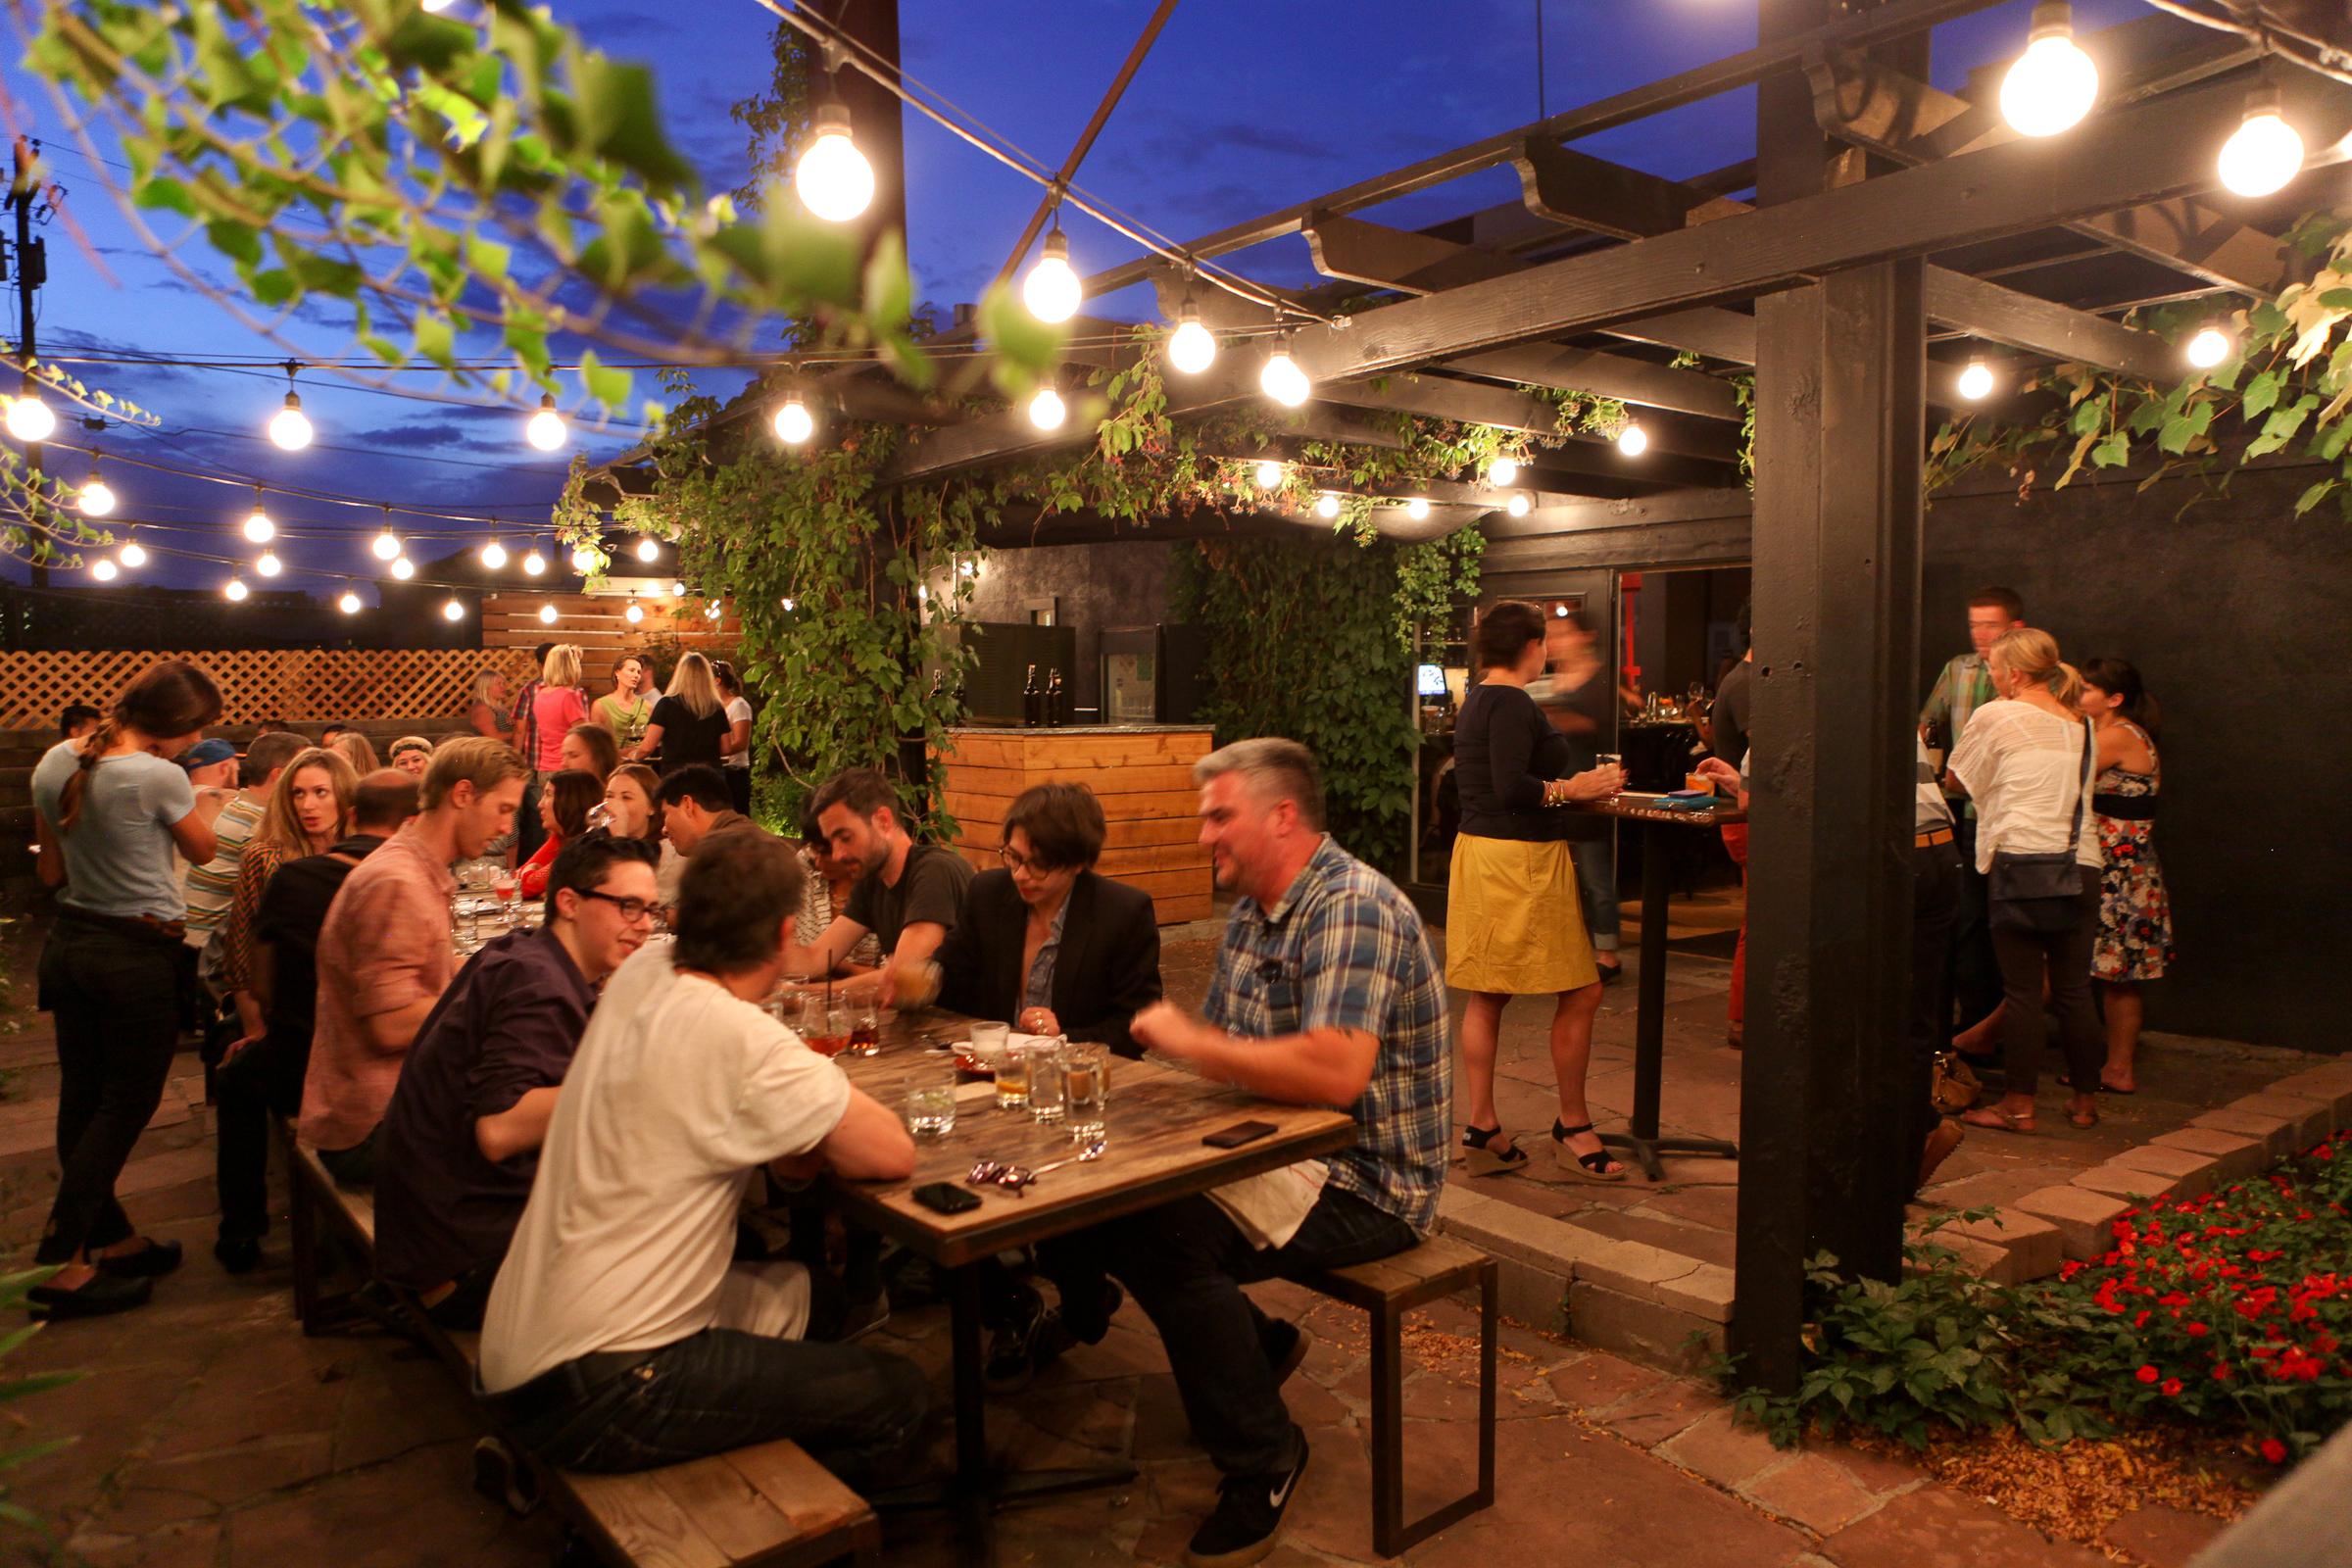 Best Outdoor Dining in Denver | VISIT DENVER